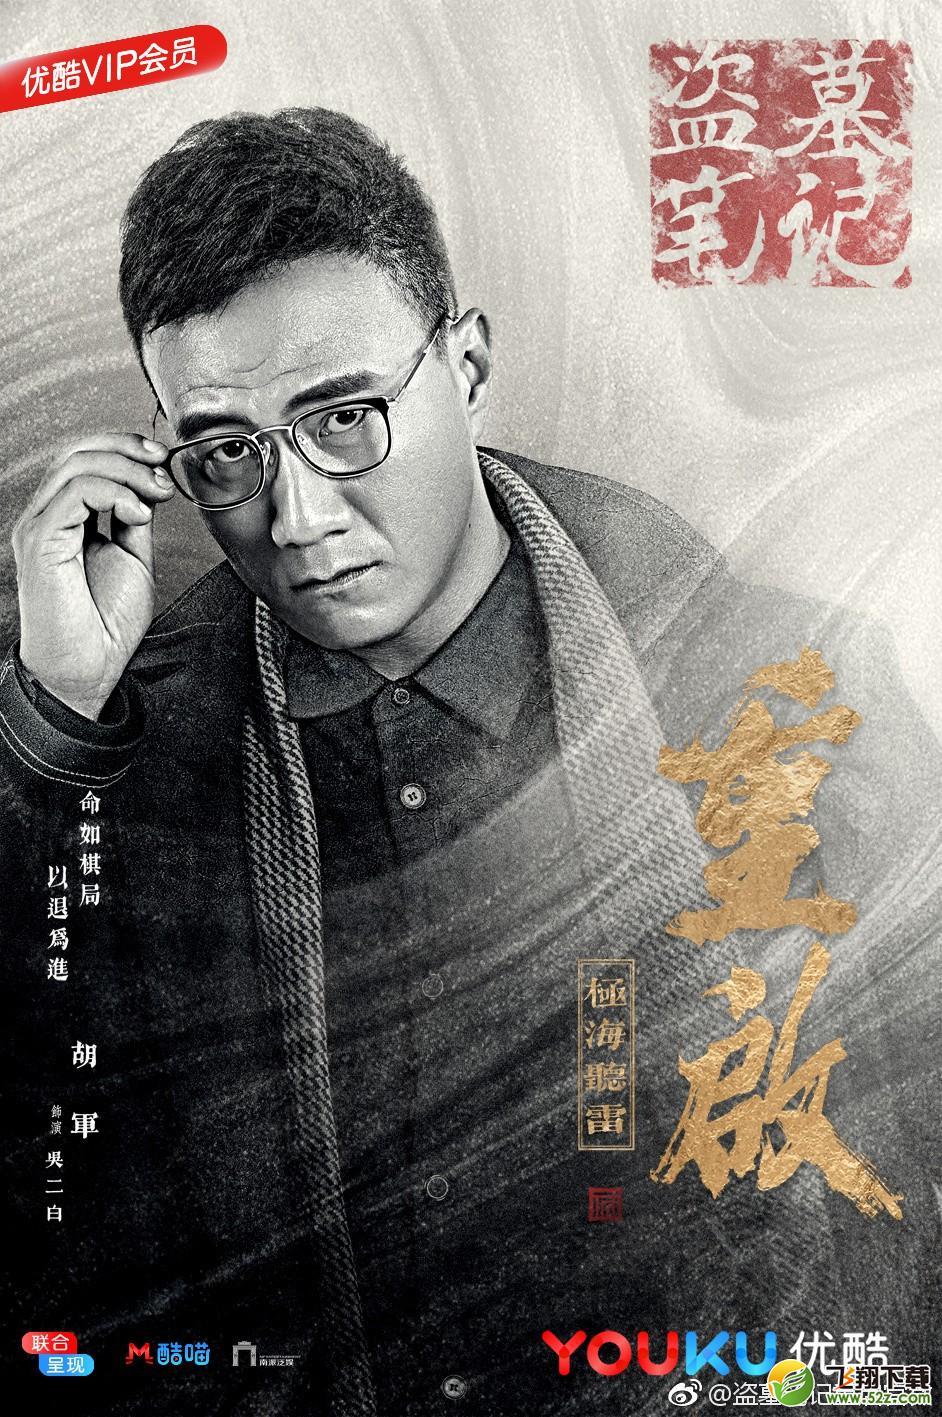 盗墓笔记重启剧组开机 盗墓笔记重启剧组主演阵容曝光_52z.com